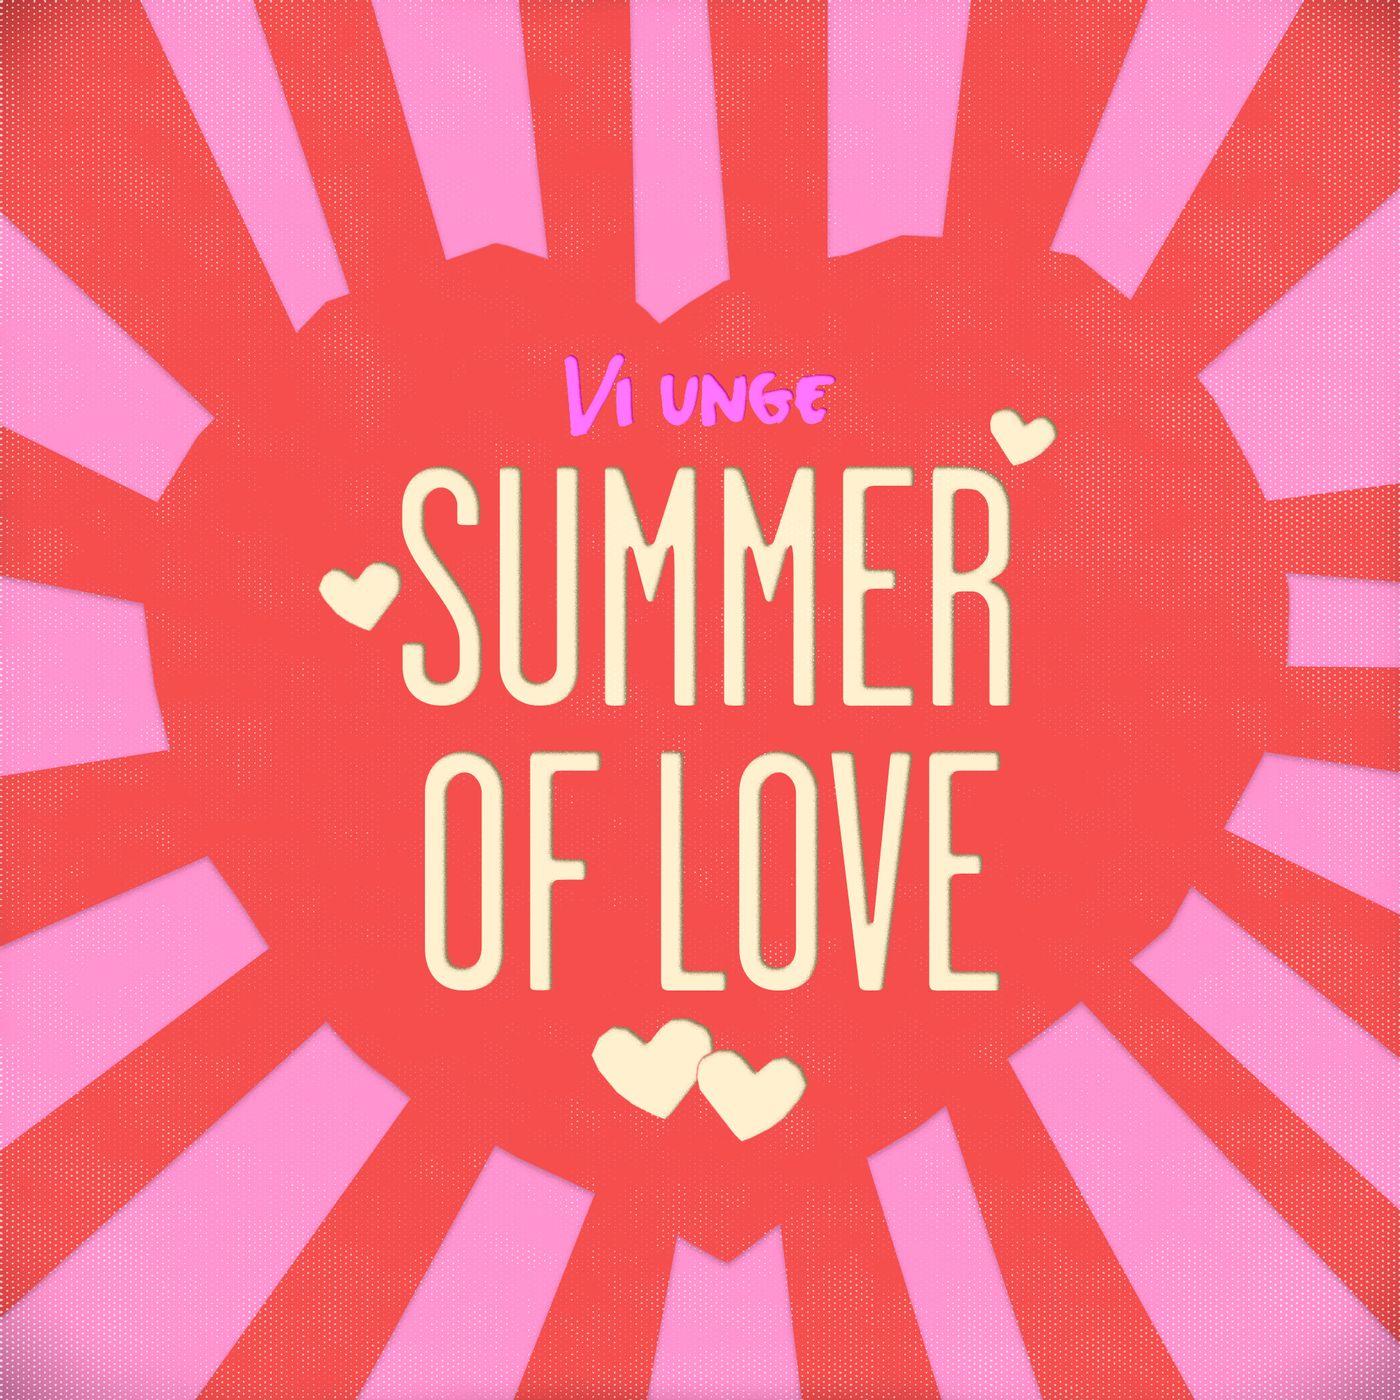 Summer of Love: Afsnit 6 - At flirte